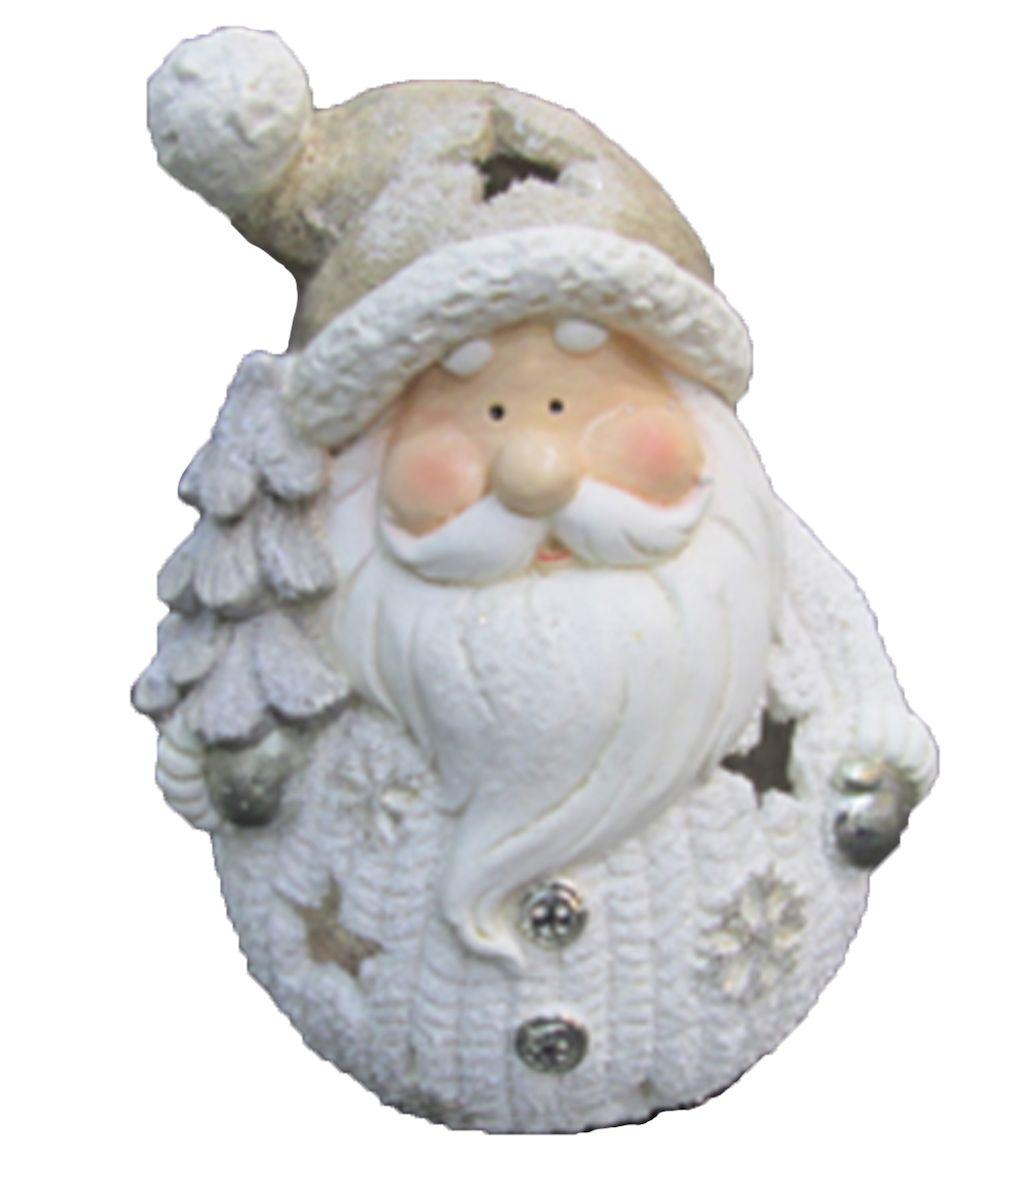 Новогодний подсвечник Magic Time «Дед Мороз с елочкой» из  стекломагнезита, украсит интерьер  вашего дома или офиса в преддверии Нового года. Оригинальный дизайн и красочное  исполнение создадут праздничное настроение. Подсвечник выполнен в виде Деда Мороза  с елочкой в руках. С оборотной стороны подсвечника есть  отверстие, куда устанавливается свеча. Через небольшие прорези свет свечи будет проникать наружу и озарять собой все вокруг.  Подсвечник можно поставить в любом месте, где он будет хорошо смотреться, и  радовать глаз. Кроме того, это отличный вариант подарка для ваших близких и друзей. Материал: стекломагнезит без обжига (80% оксид магния, 10% стекловолокно, 9%  вода, пластификаторы менее 1%).